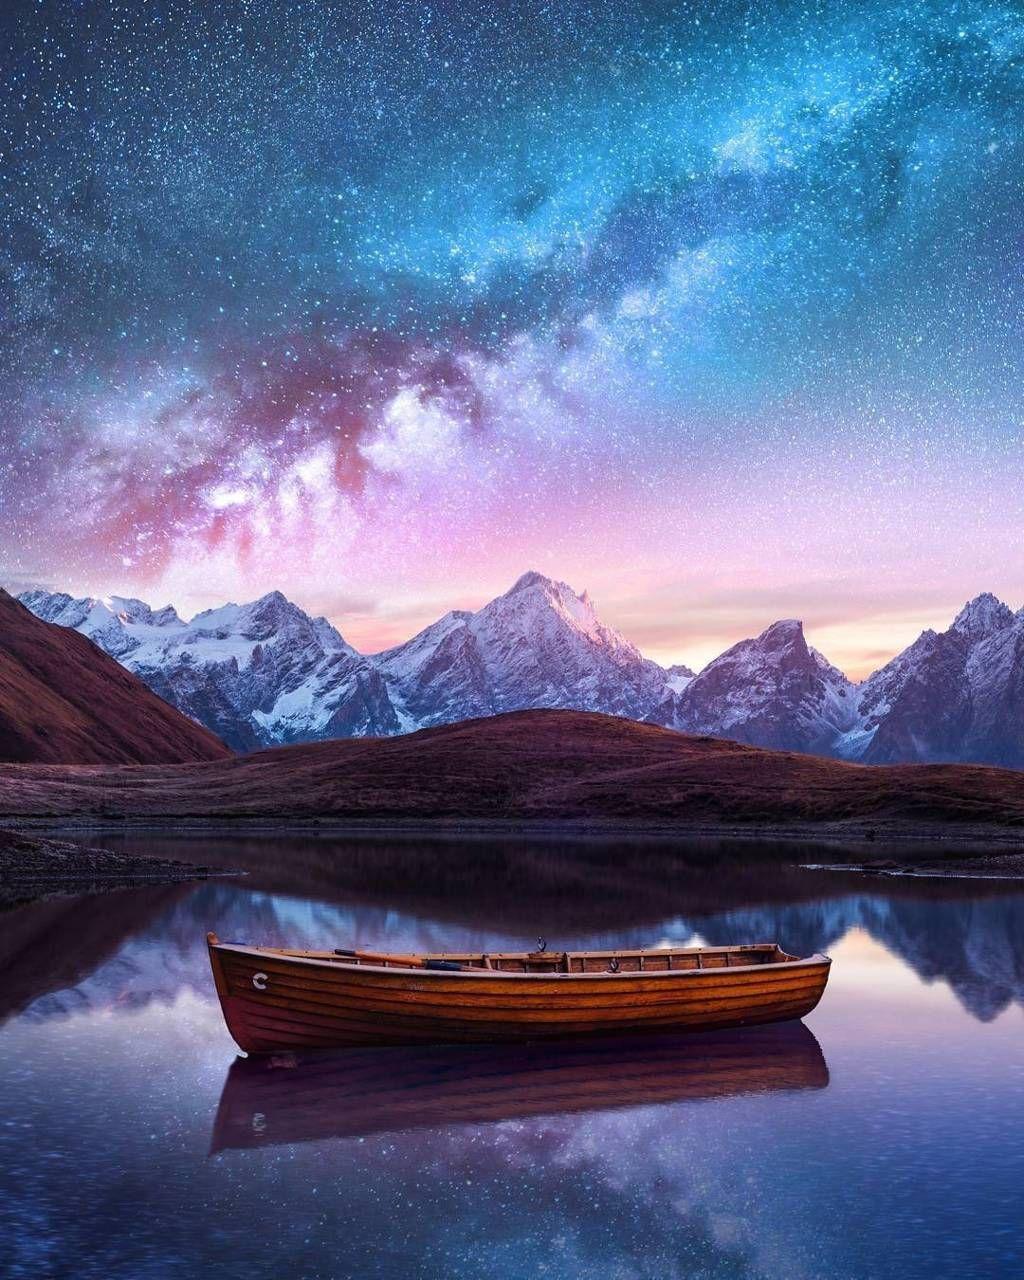 Lake Mountain Stars